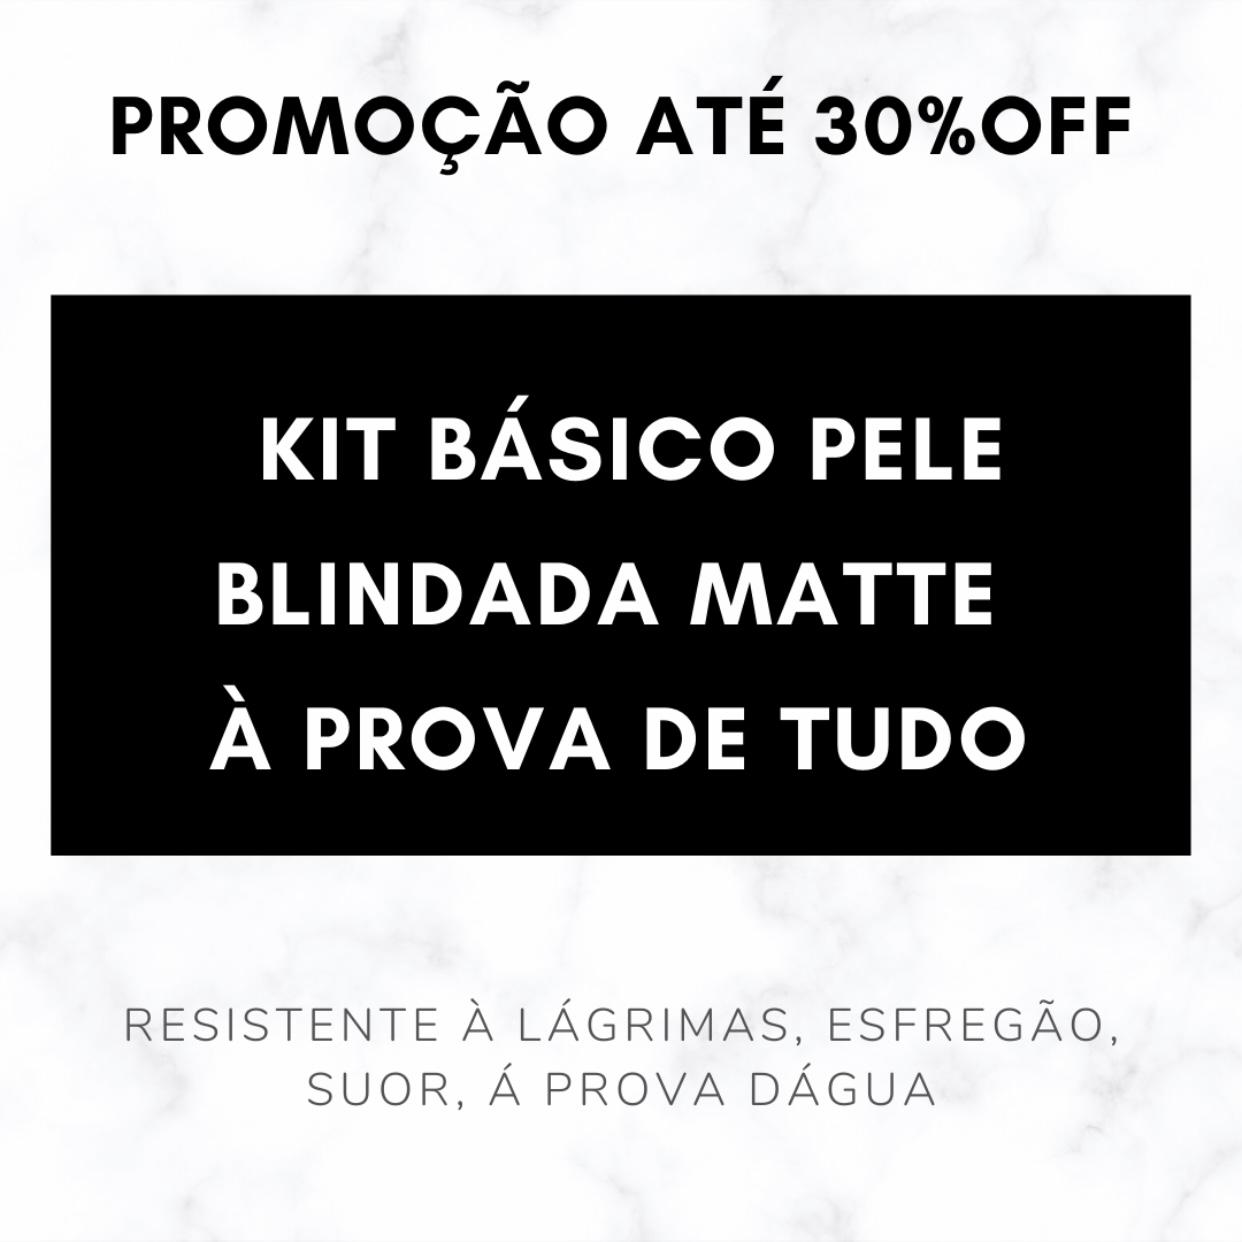 KIT BÁSICO - PELE BLINDADA MATTE À PROVA DE TUDO: RESISTENTE À LÁGRIMAS, ESFREGÃO, SUOR, À PROVA DÁGUA